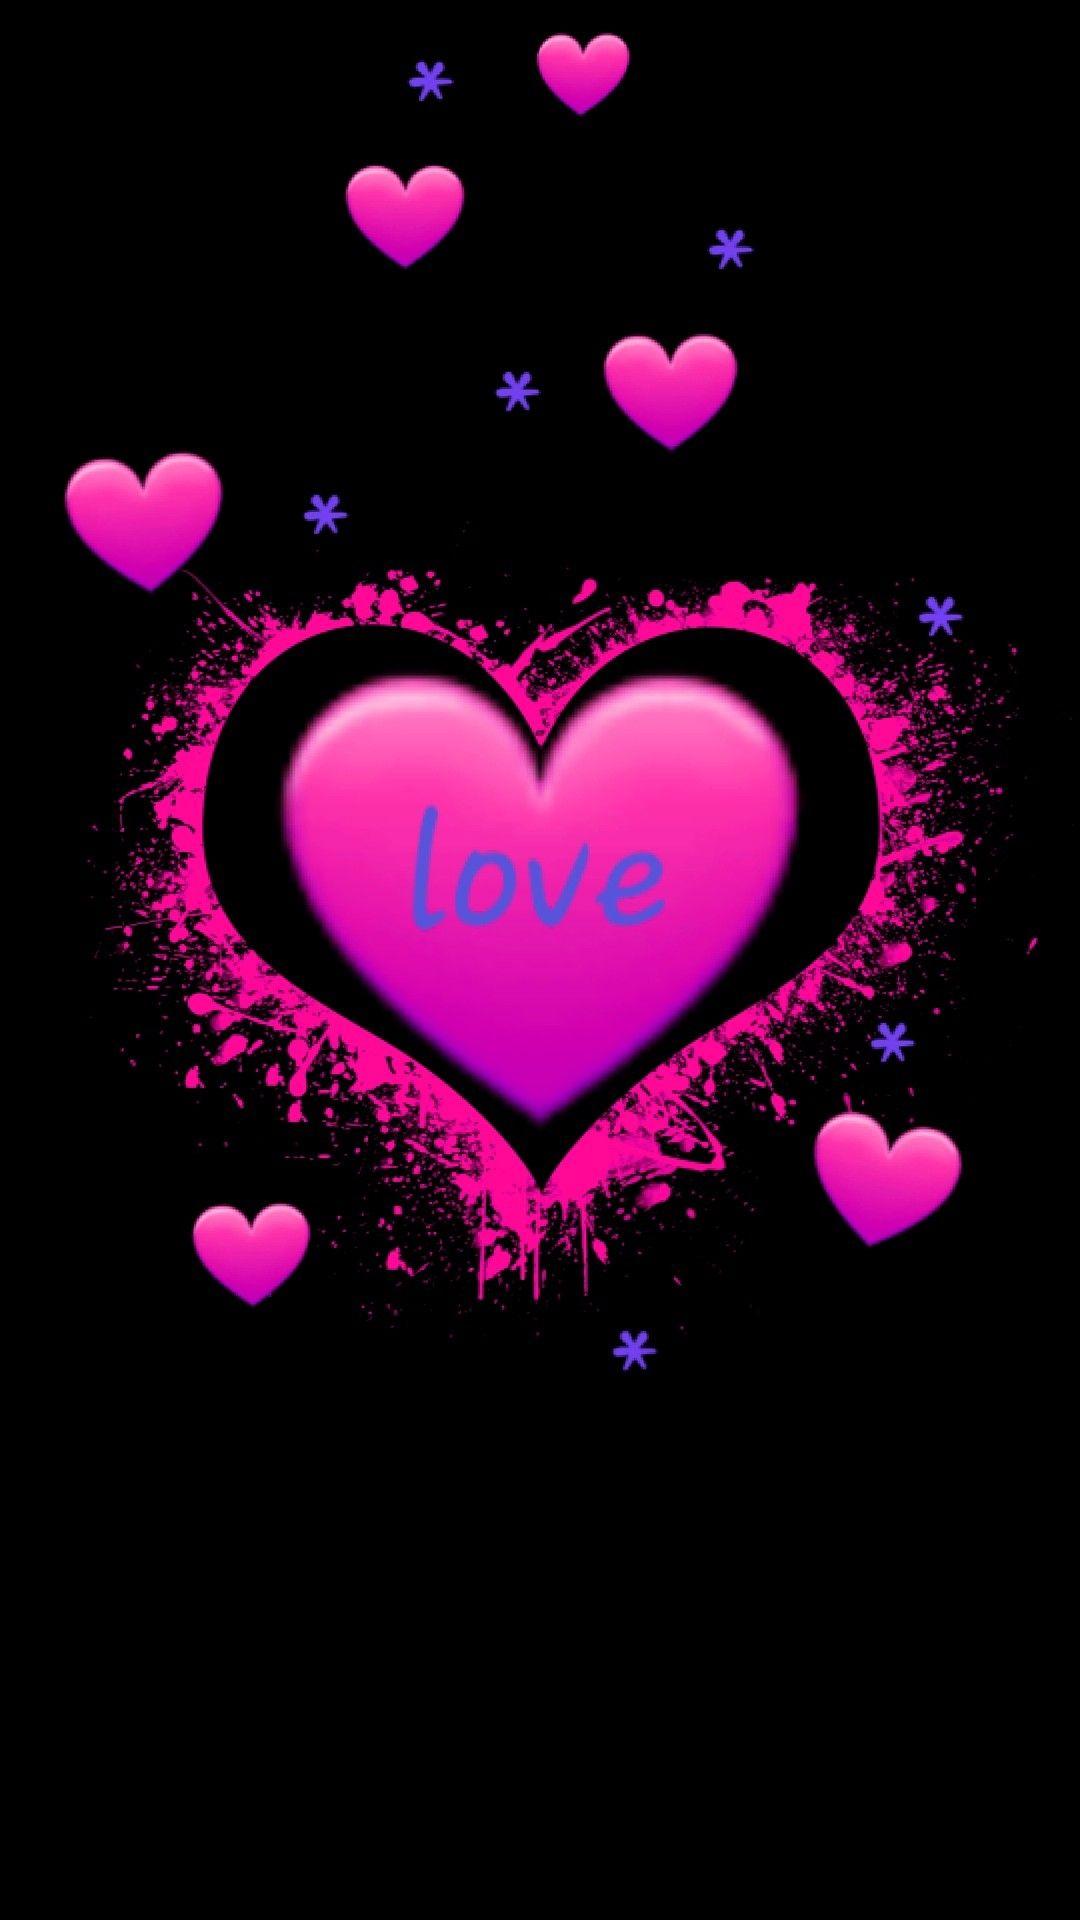 Pedro Sergio Sanchez Te Amo Y Tu Lo Sabes Cute Love Wallpapers Love Wallpaper Heart Wallpaper